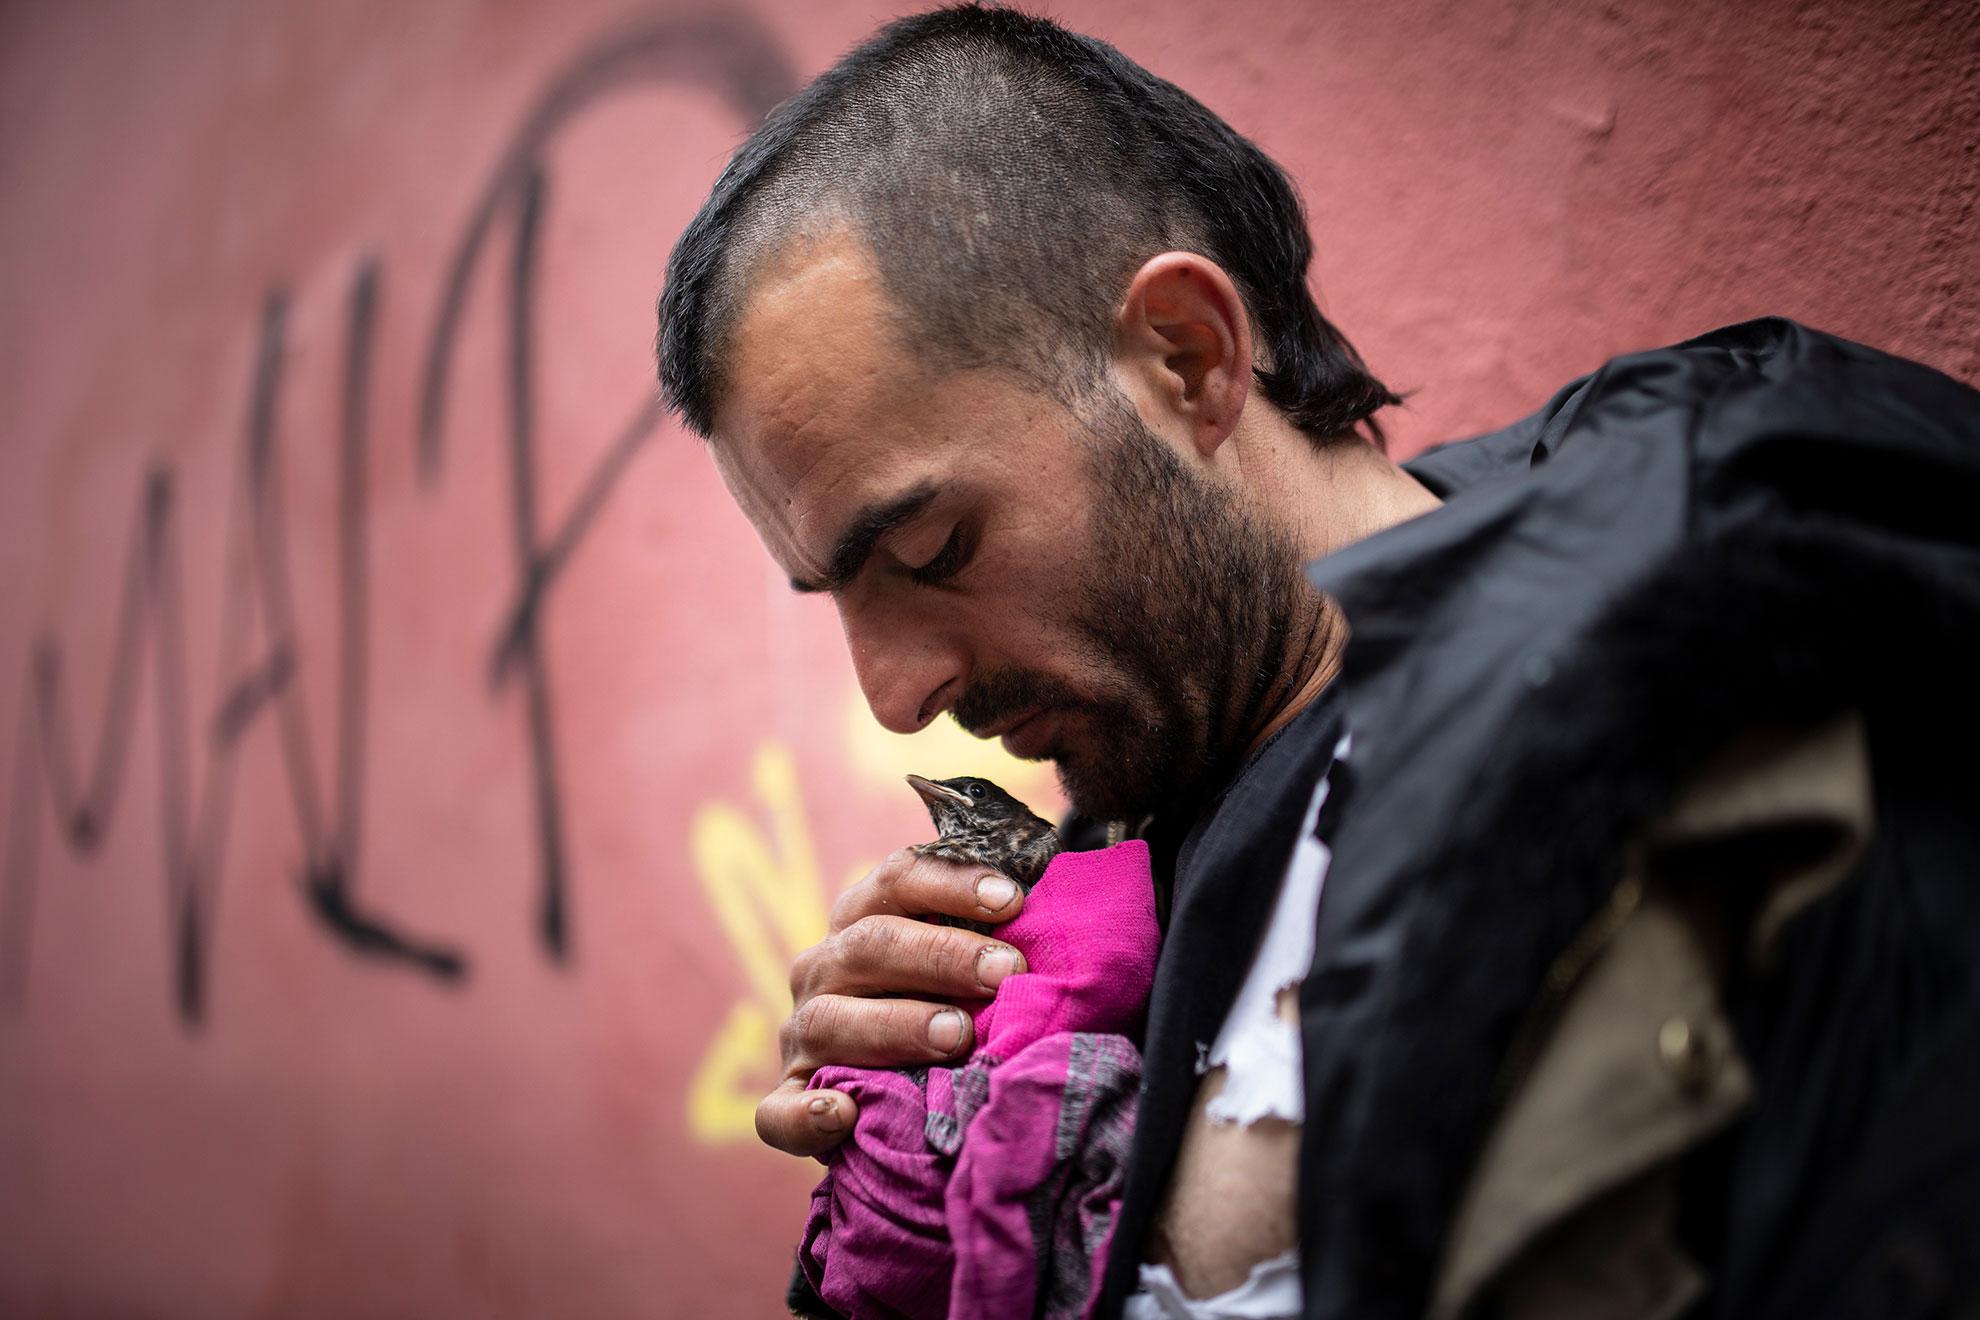 Luis (35) es de Coímbra. Llegó hace año y medio a Madrid, y está viviendo en la calle. Es artista callejero: realiza decoraciones, customiza ropa e incluso trabaja en raves. Cuando no sale nada de eso, hace malabares en los semáforos para subsistir. Ha encontrado un pájaro herido y se afana en cuidarlo durante estos días raros, en los que todos estamos algo necesitados de afectos. Duerme al raso, en el barrio de Lavapiés, y en la asociación Los Dragones le dan comida a diario, ahora que es casi imposible ganarse la vida en la calle, porque apenas hay vida en las calles a causa del Covid-19.